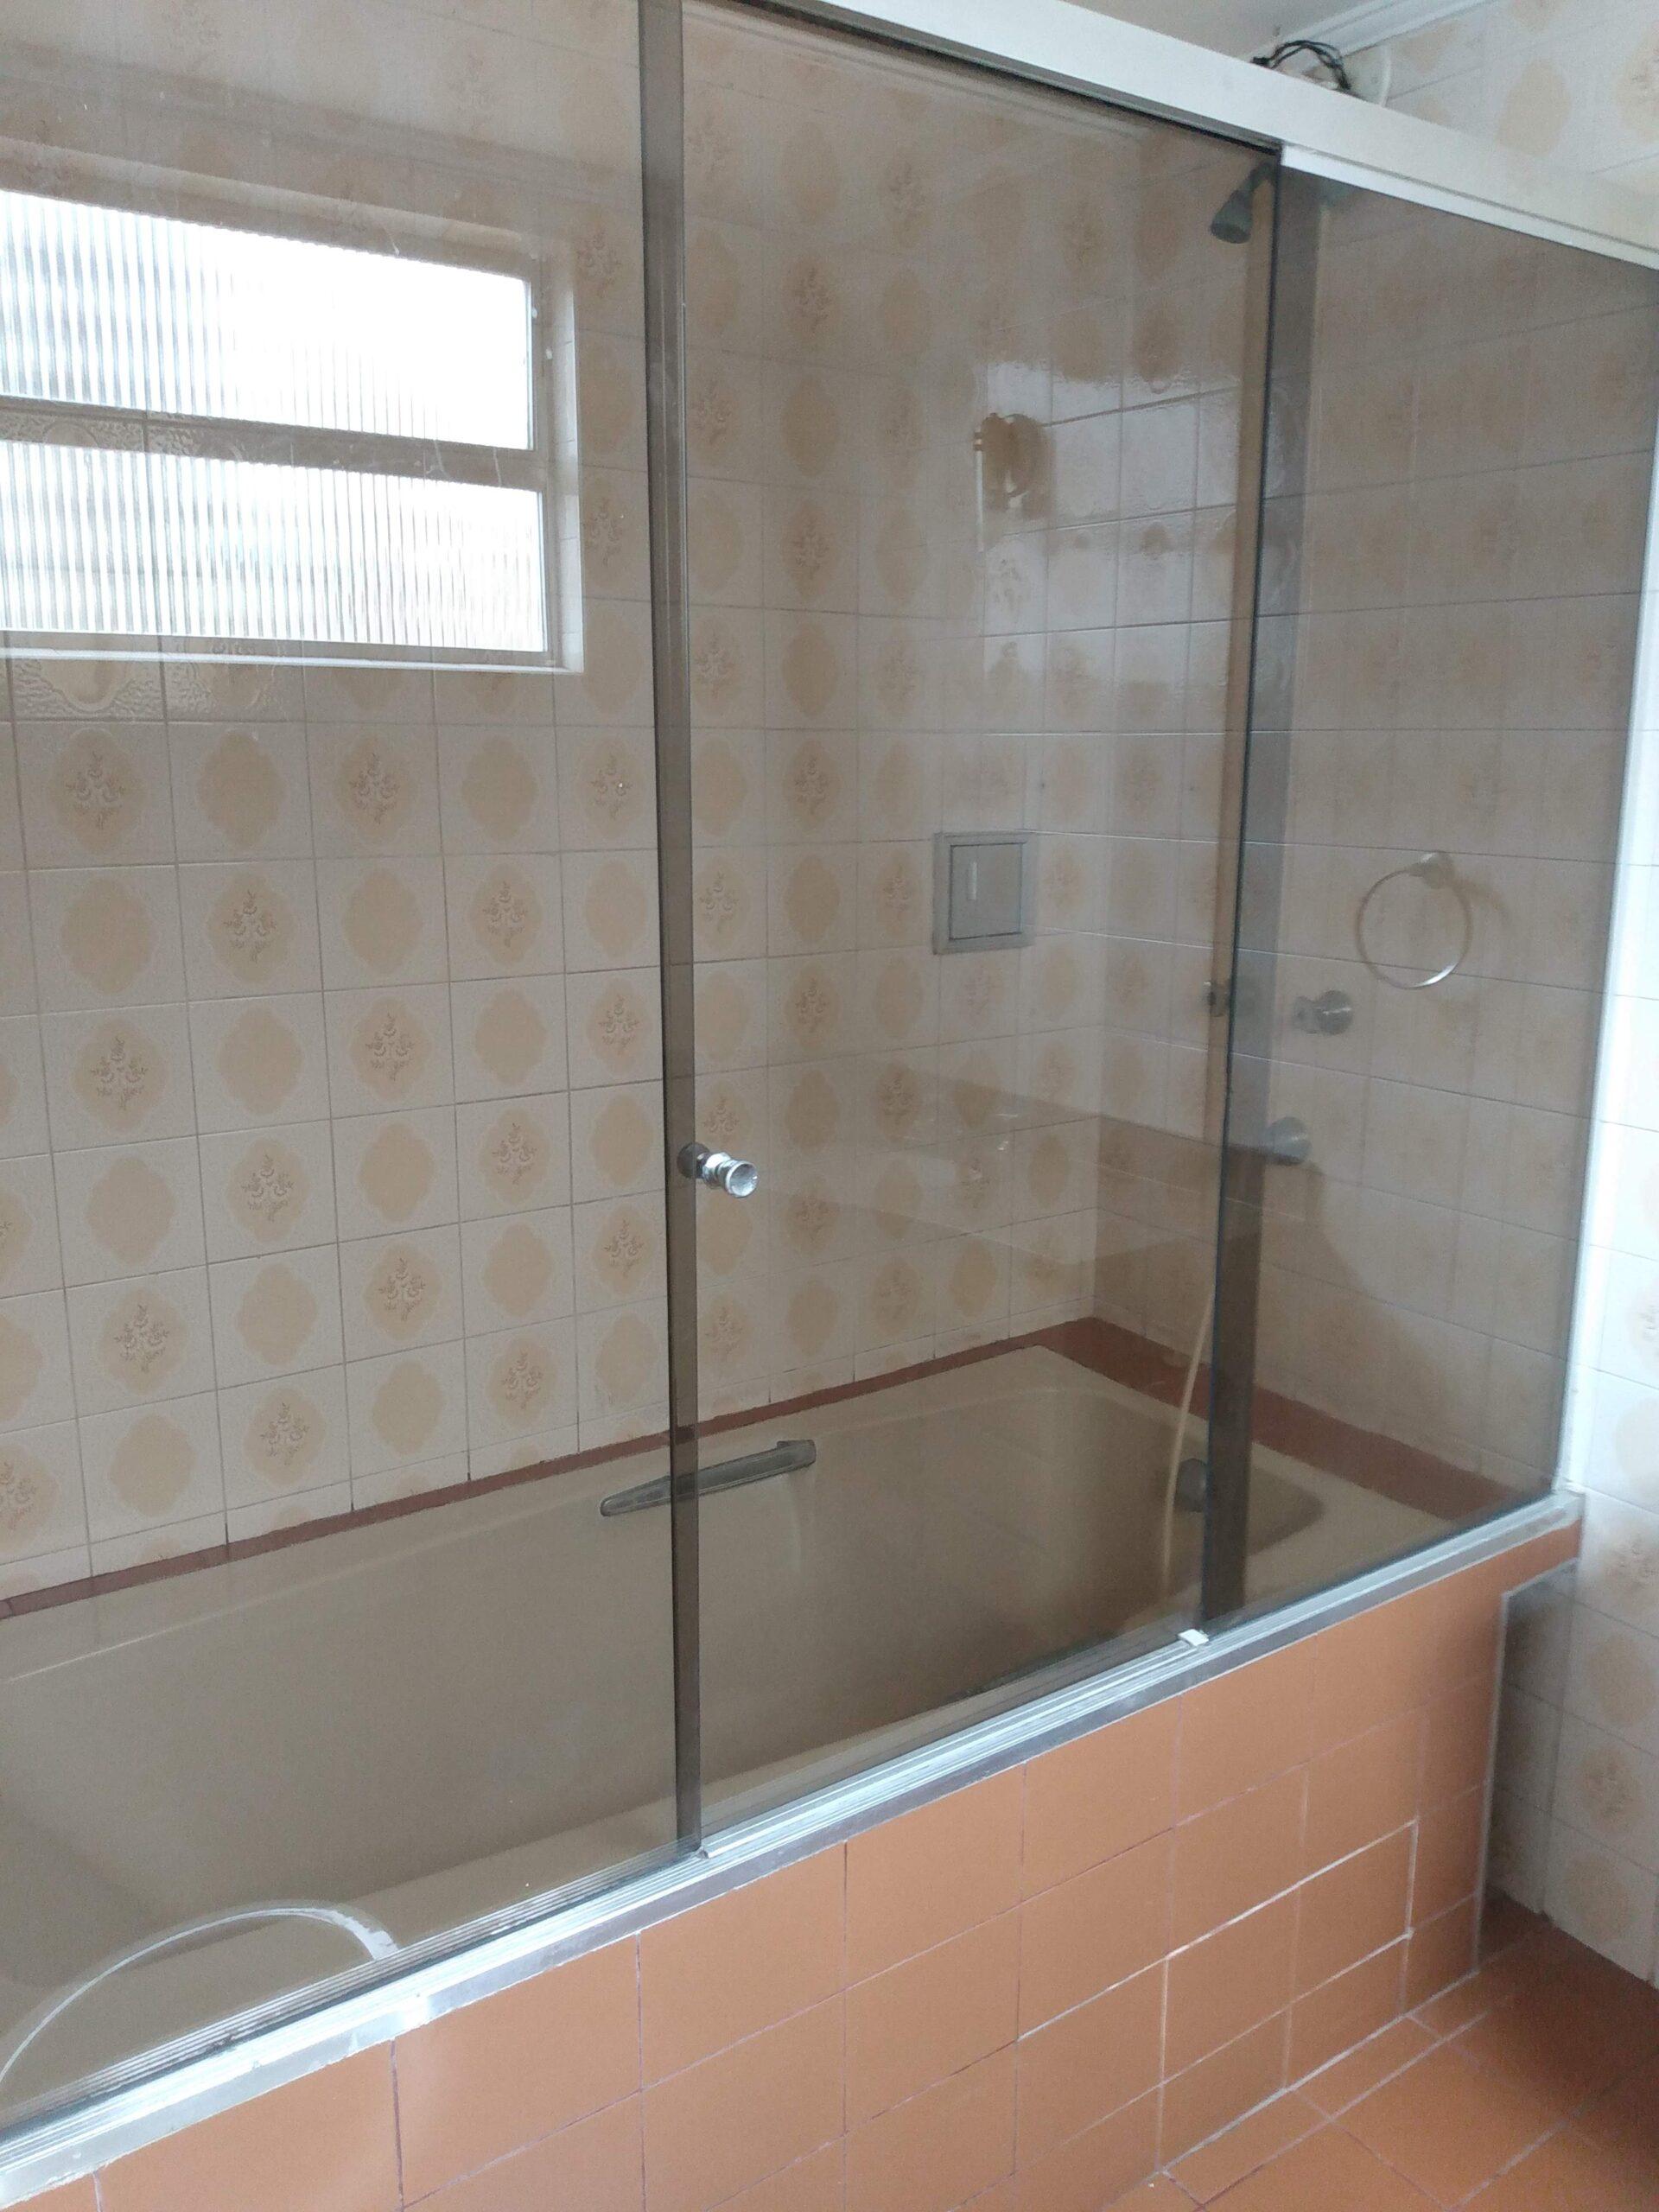 Amplo apartamento no Gonzaga, com ótima vista Livre, 02 dormitórios com armários embutidos, com uma suíte, com dependência completa de empregada. - foto 1